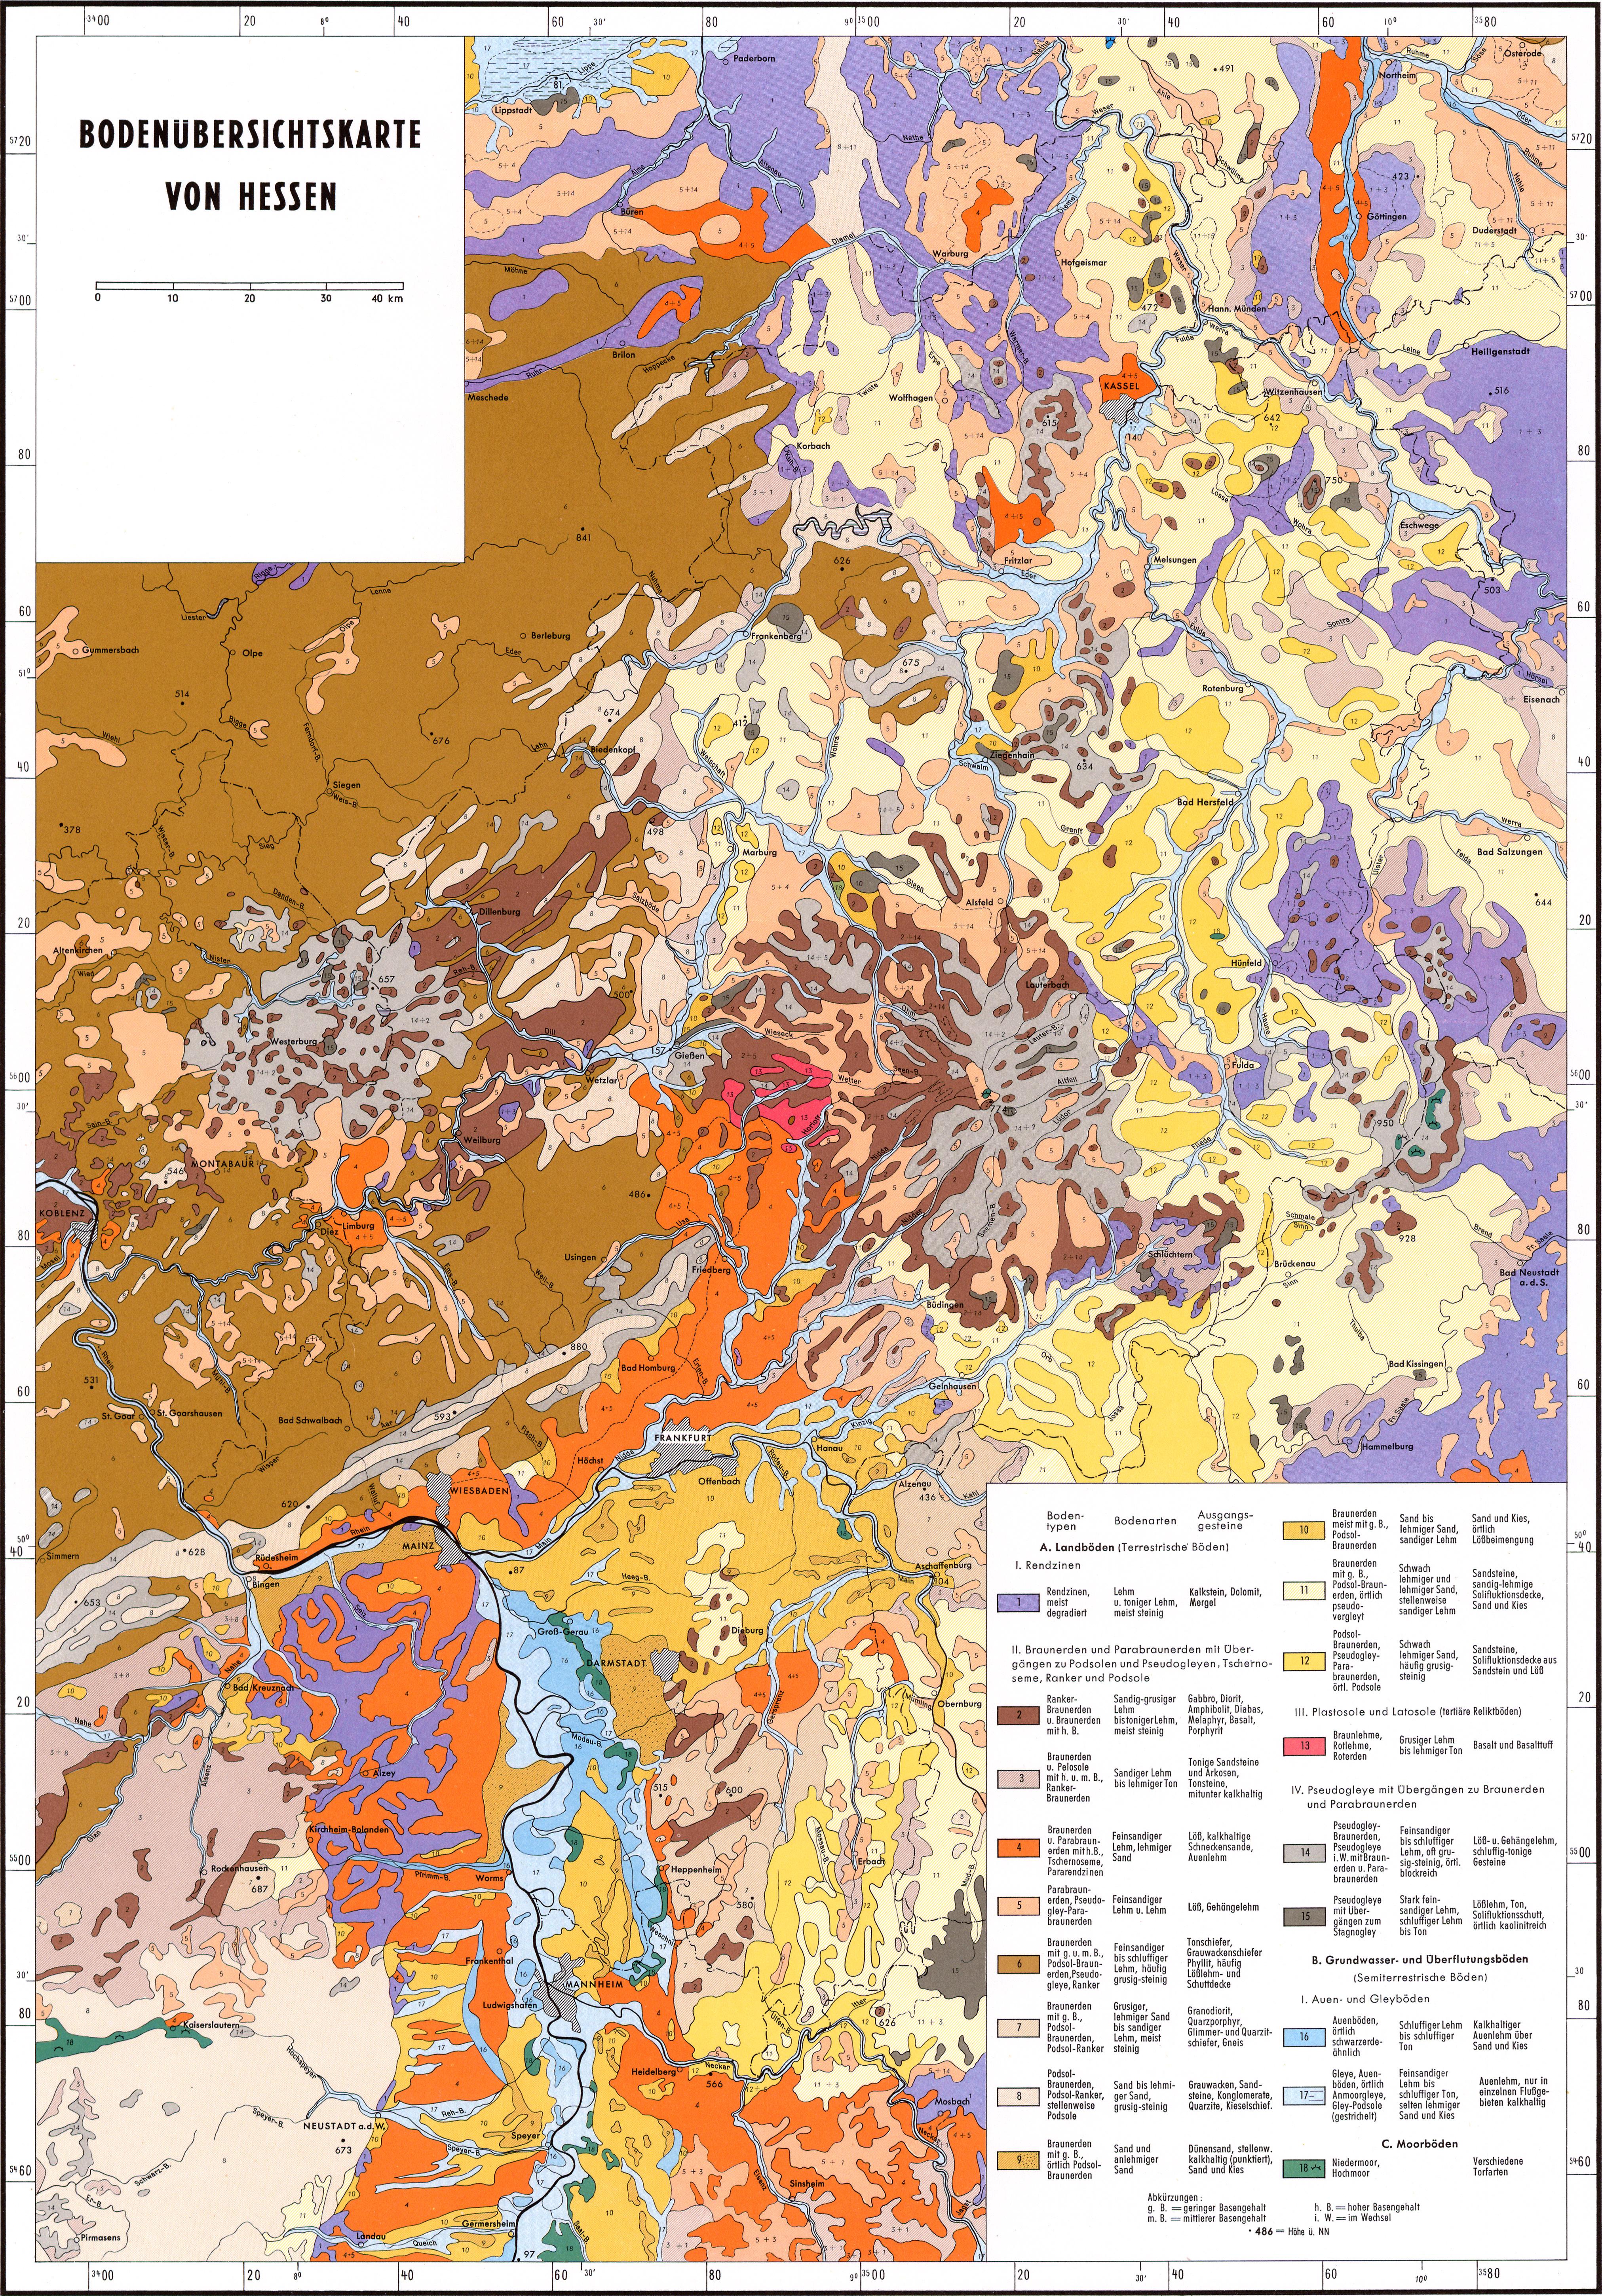 geologische karte hessen Geschichtlicher Atlas von Hessen : Blättern : LAGIS Hessen geologische karte hessen